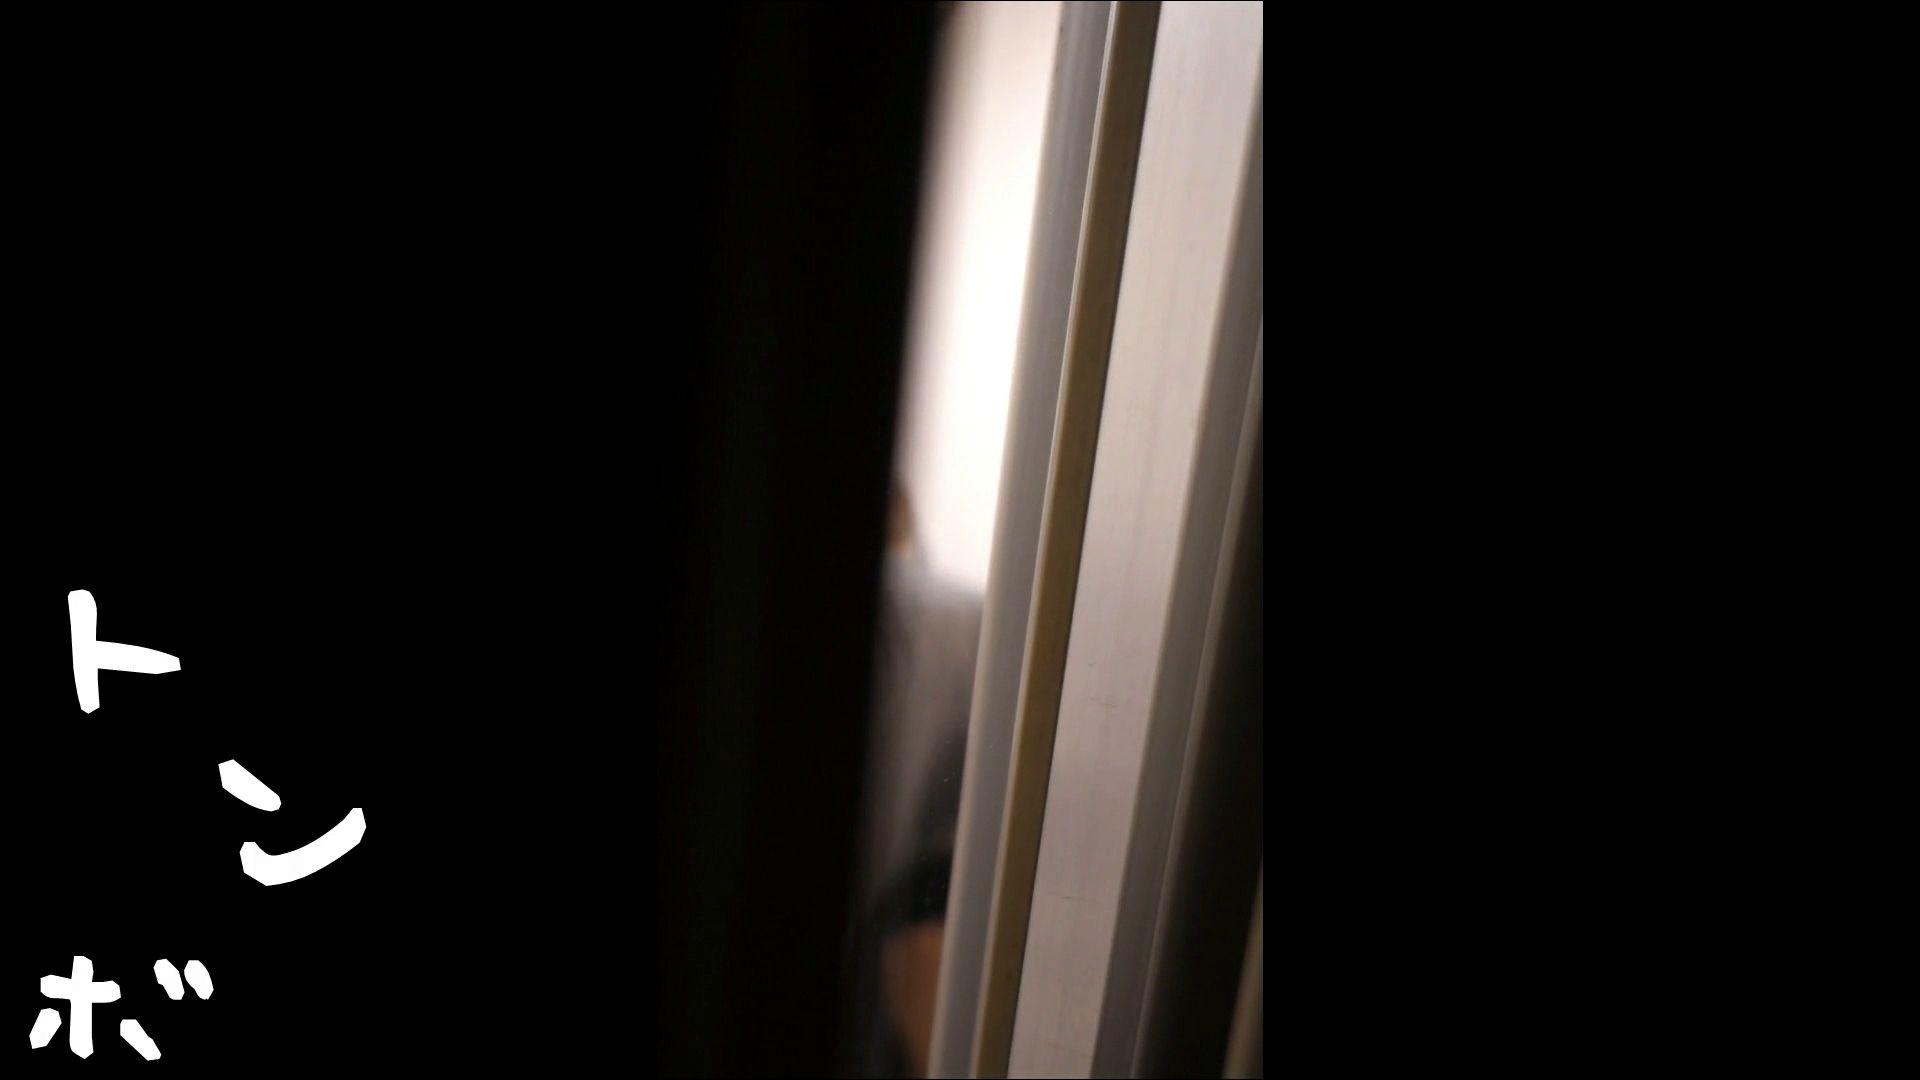 ▲2017_08位▲ 【02位 2016】盗撮美人女子大プライベートSEX SEX | 盗撮エロすぎ  74連発 33